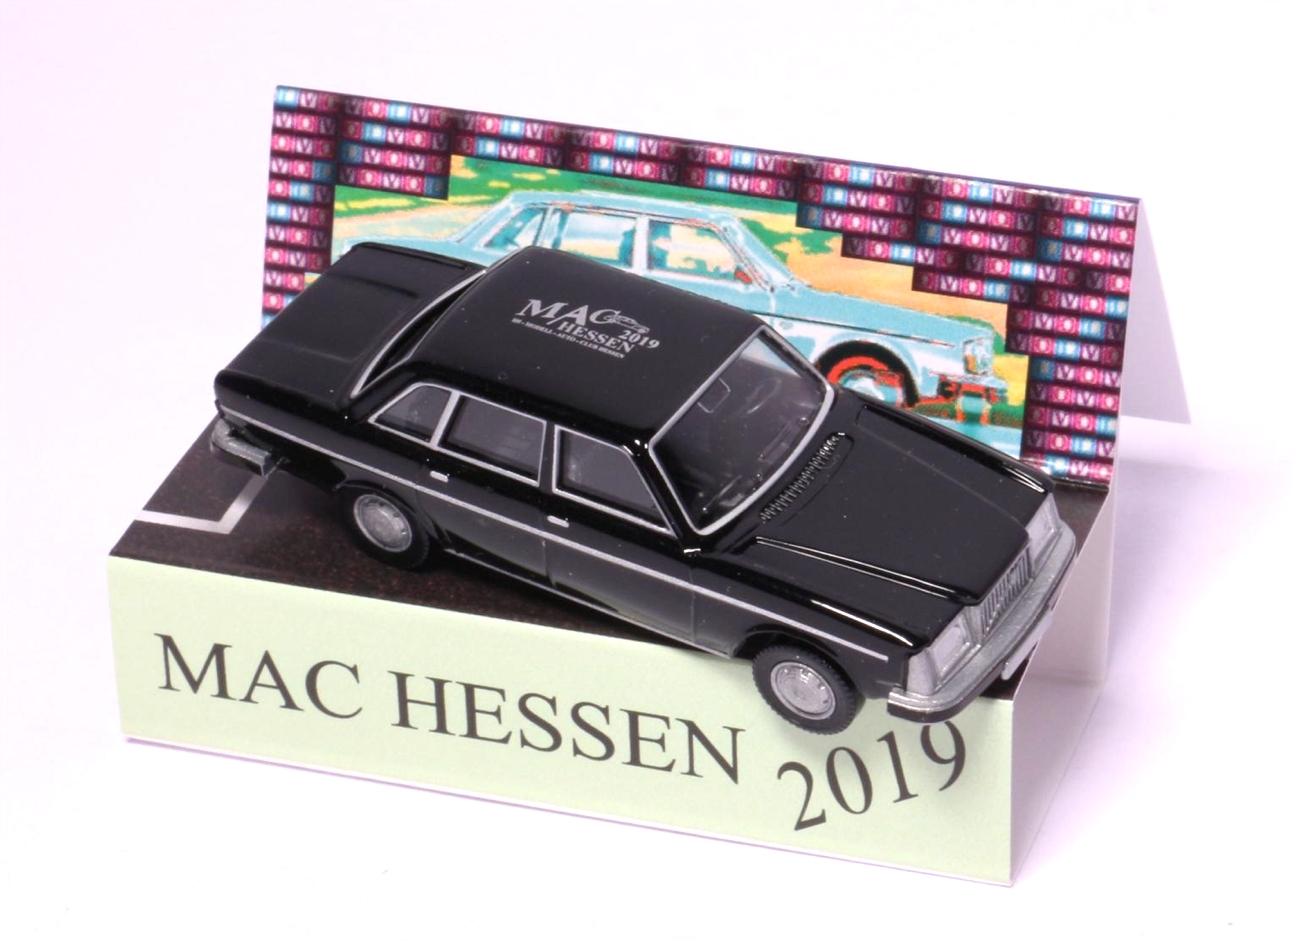 mac hessen mitgliedermodell 2019 zu weihnachten wiking. Black Bedroom Furniture Sets. Home Design Ideas